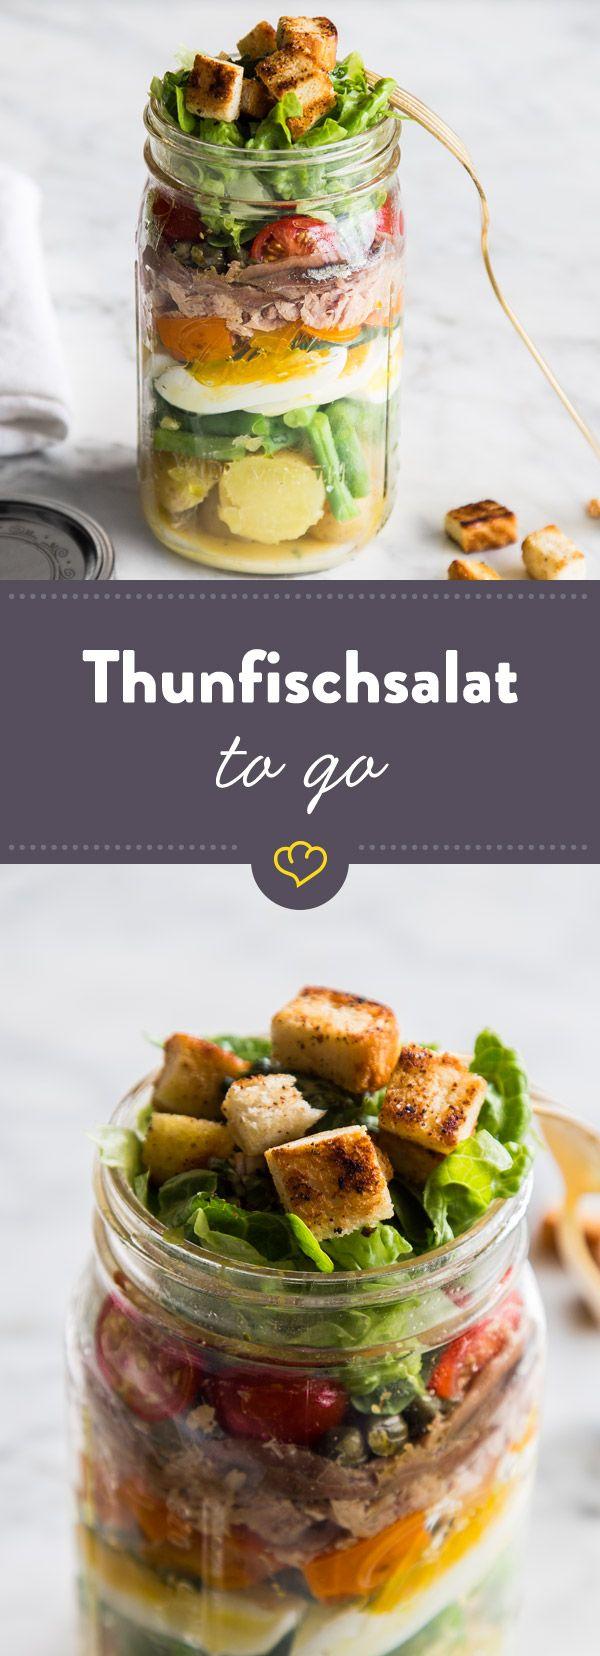 Pellkartoffeln, grüne Bohnen, Paprika, Tomaten, gekoche Eier, knusprige Croûtons und etwas Thunfisch - das ist Salat Niciose. Im Glas perfekt zum Mitnehmen.